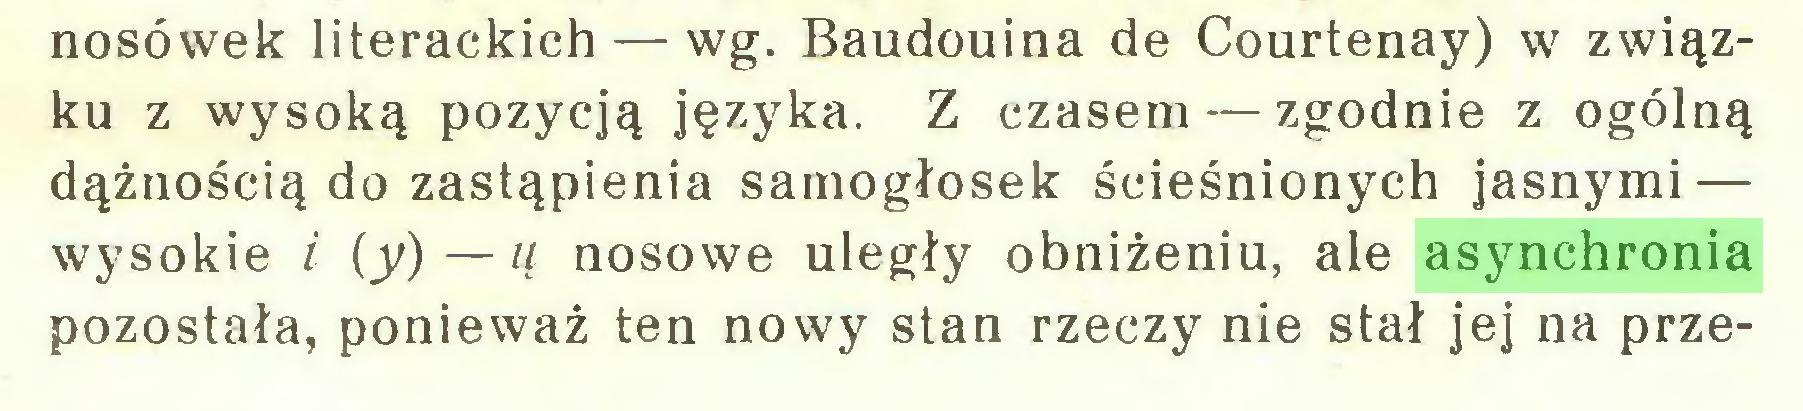 (...) nosówek literackich — wg. Baudouina de Courtenay) w związku z wysoką pozycją języka. Z czasem — zgodnie z ogólną dążnością do zastąpienia samogłosek ścieśnionych jasnymi — wysokie i (y) — u nosowe uległy obniżeniu, ale asynchronia pozostała, ponieważ ten nowy stan rzeczy nie stał jej na prze...